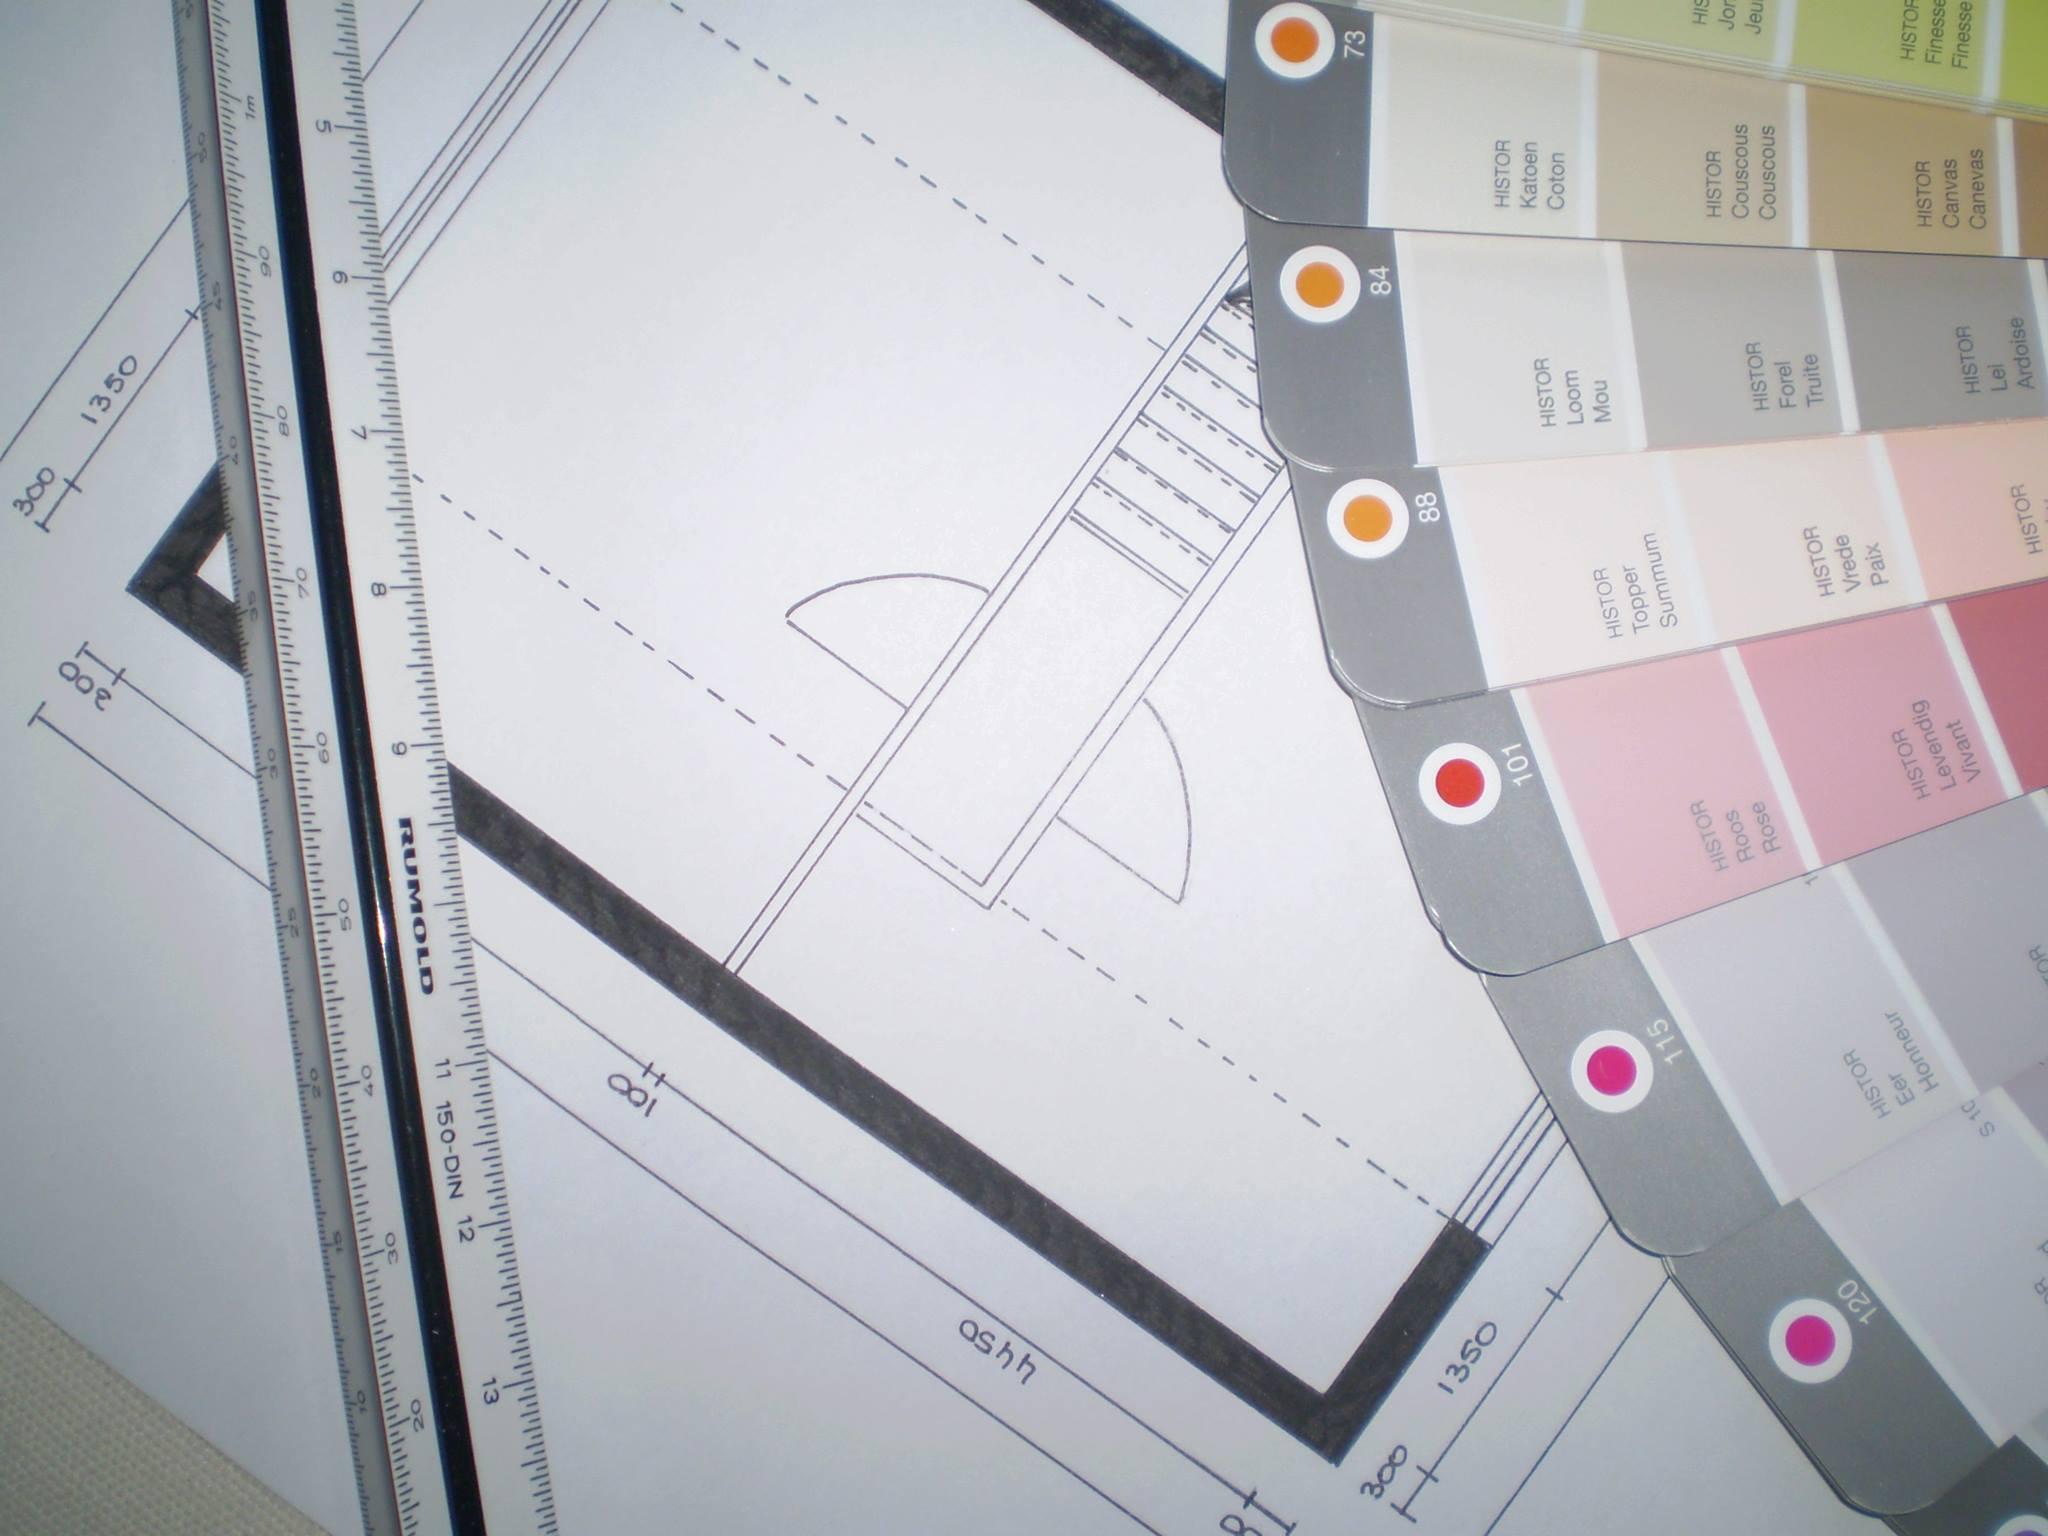 Monique van Rixtel kleur & interieurdesign